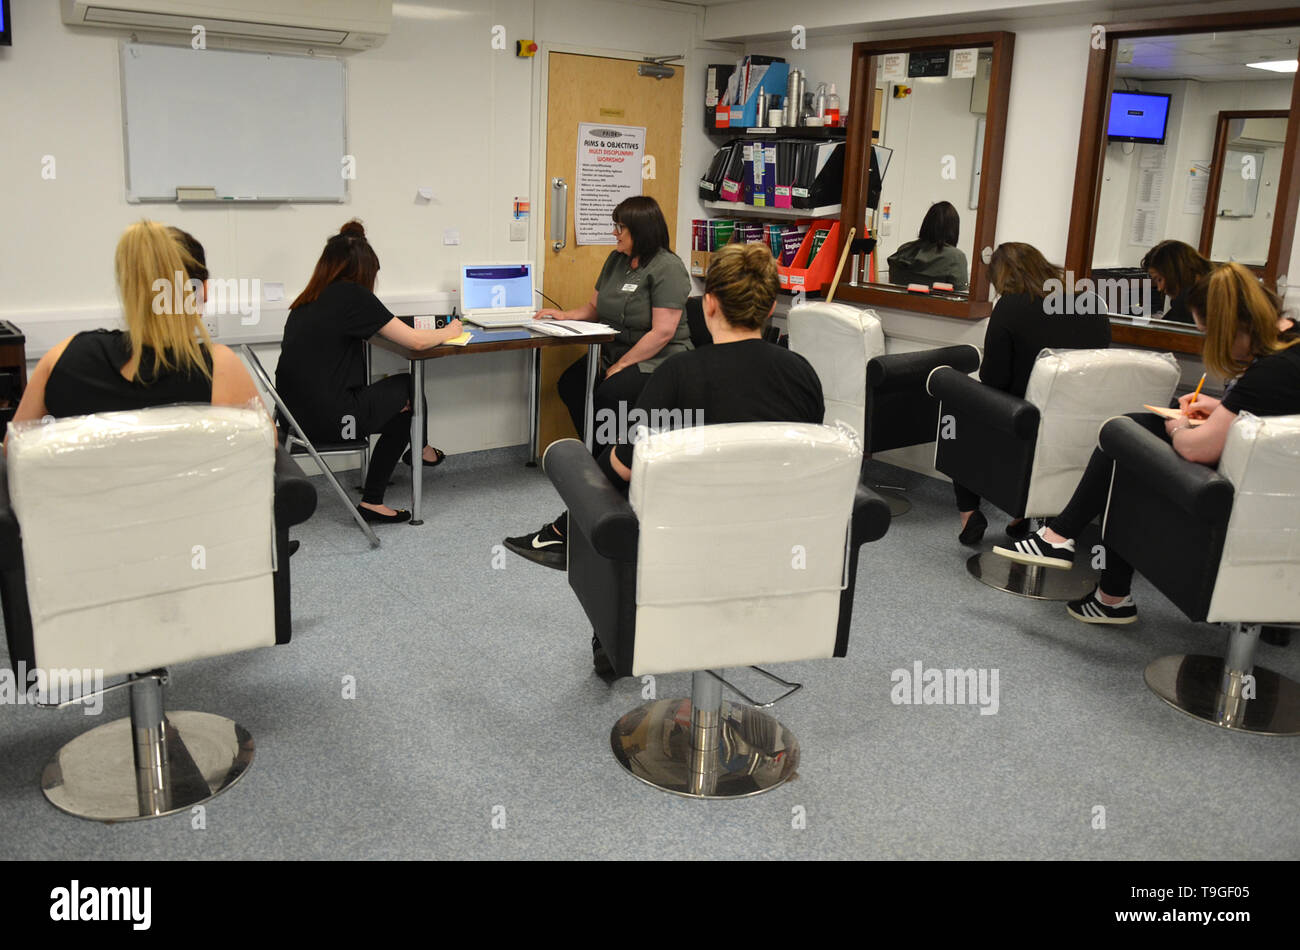 Fomentar la educación, la ciudad gremios calificación standard, estilista profesional Imagen De Stock